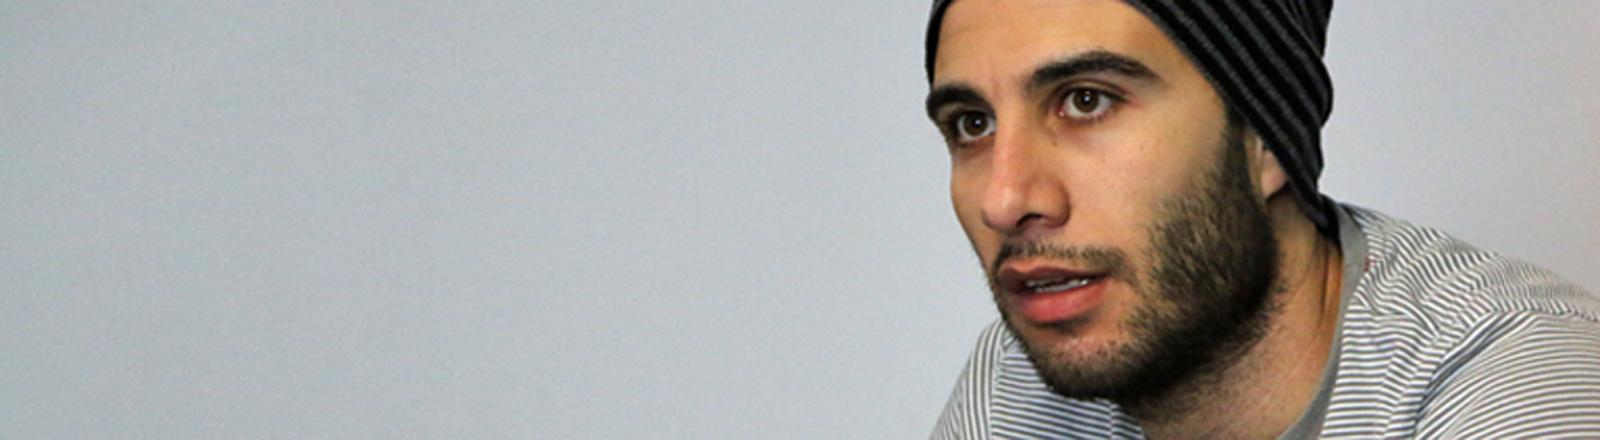 Der syrische Flüchtling Omar.